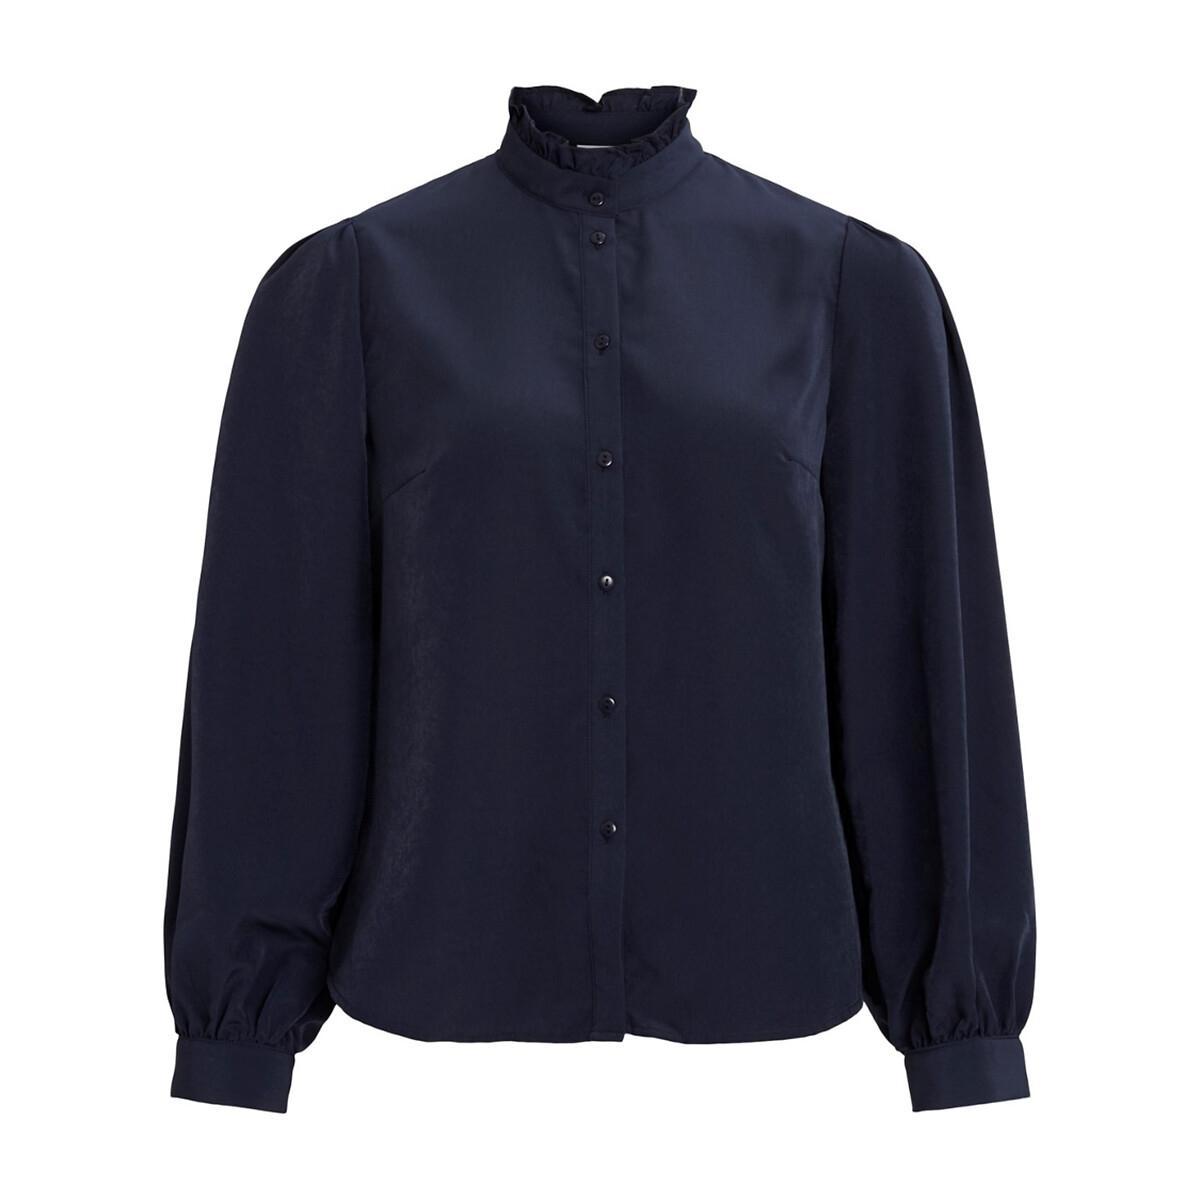 Рубашка La Redoute С длинными рукавами и воротником-стойкой 36 (FR) - 42 (RUS) синий свитшот la redoute с воротником стойкой и рисунком спереди 46 48 fr 52 54 rus черный